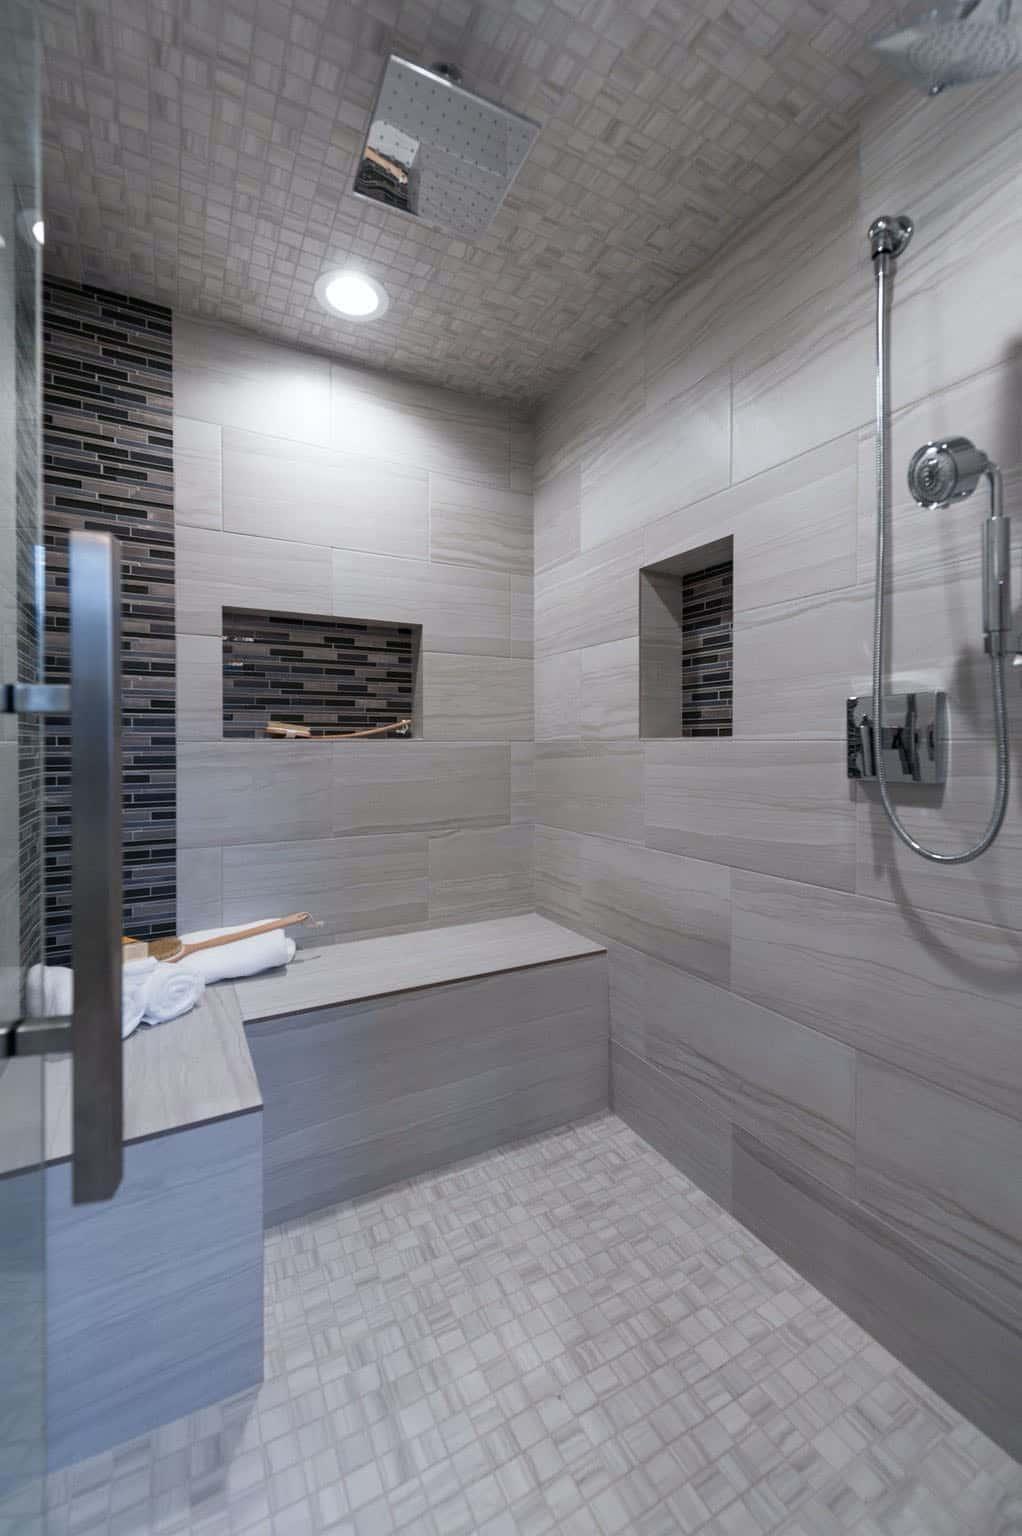 artisan-maître-salle-de-bain-douche